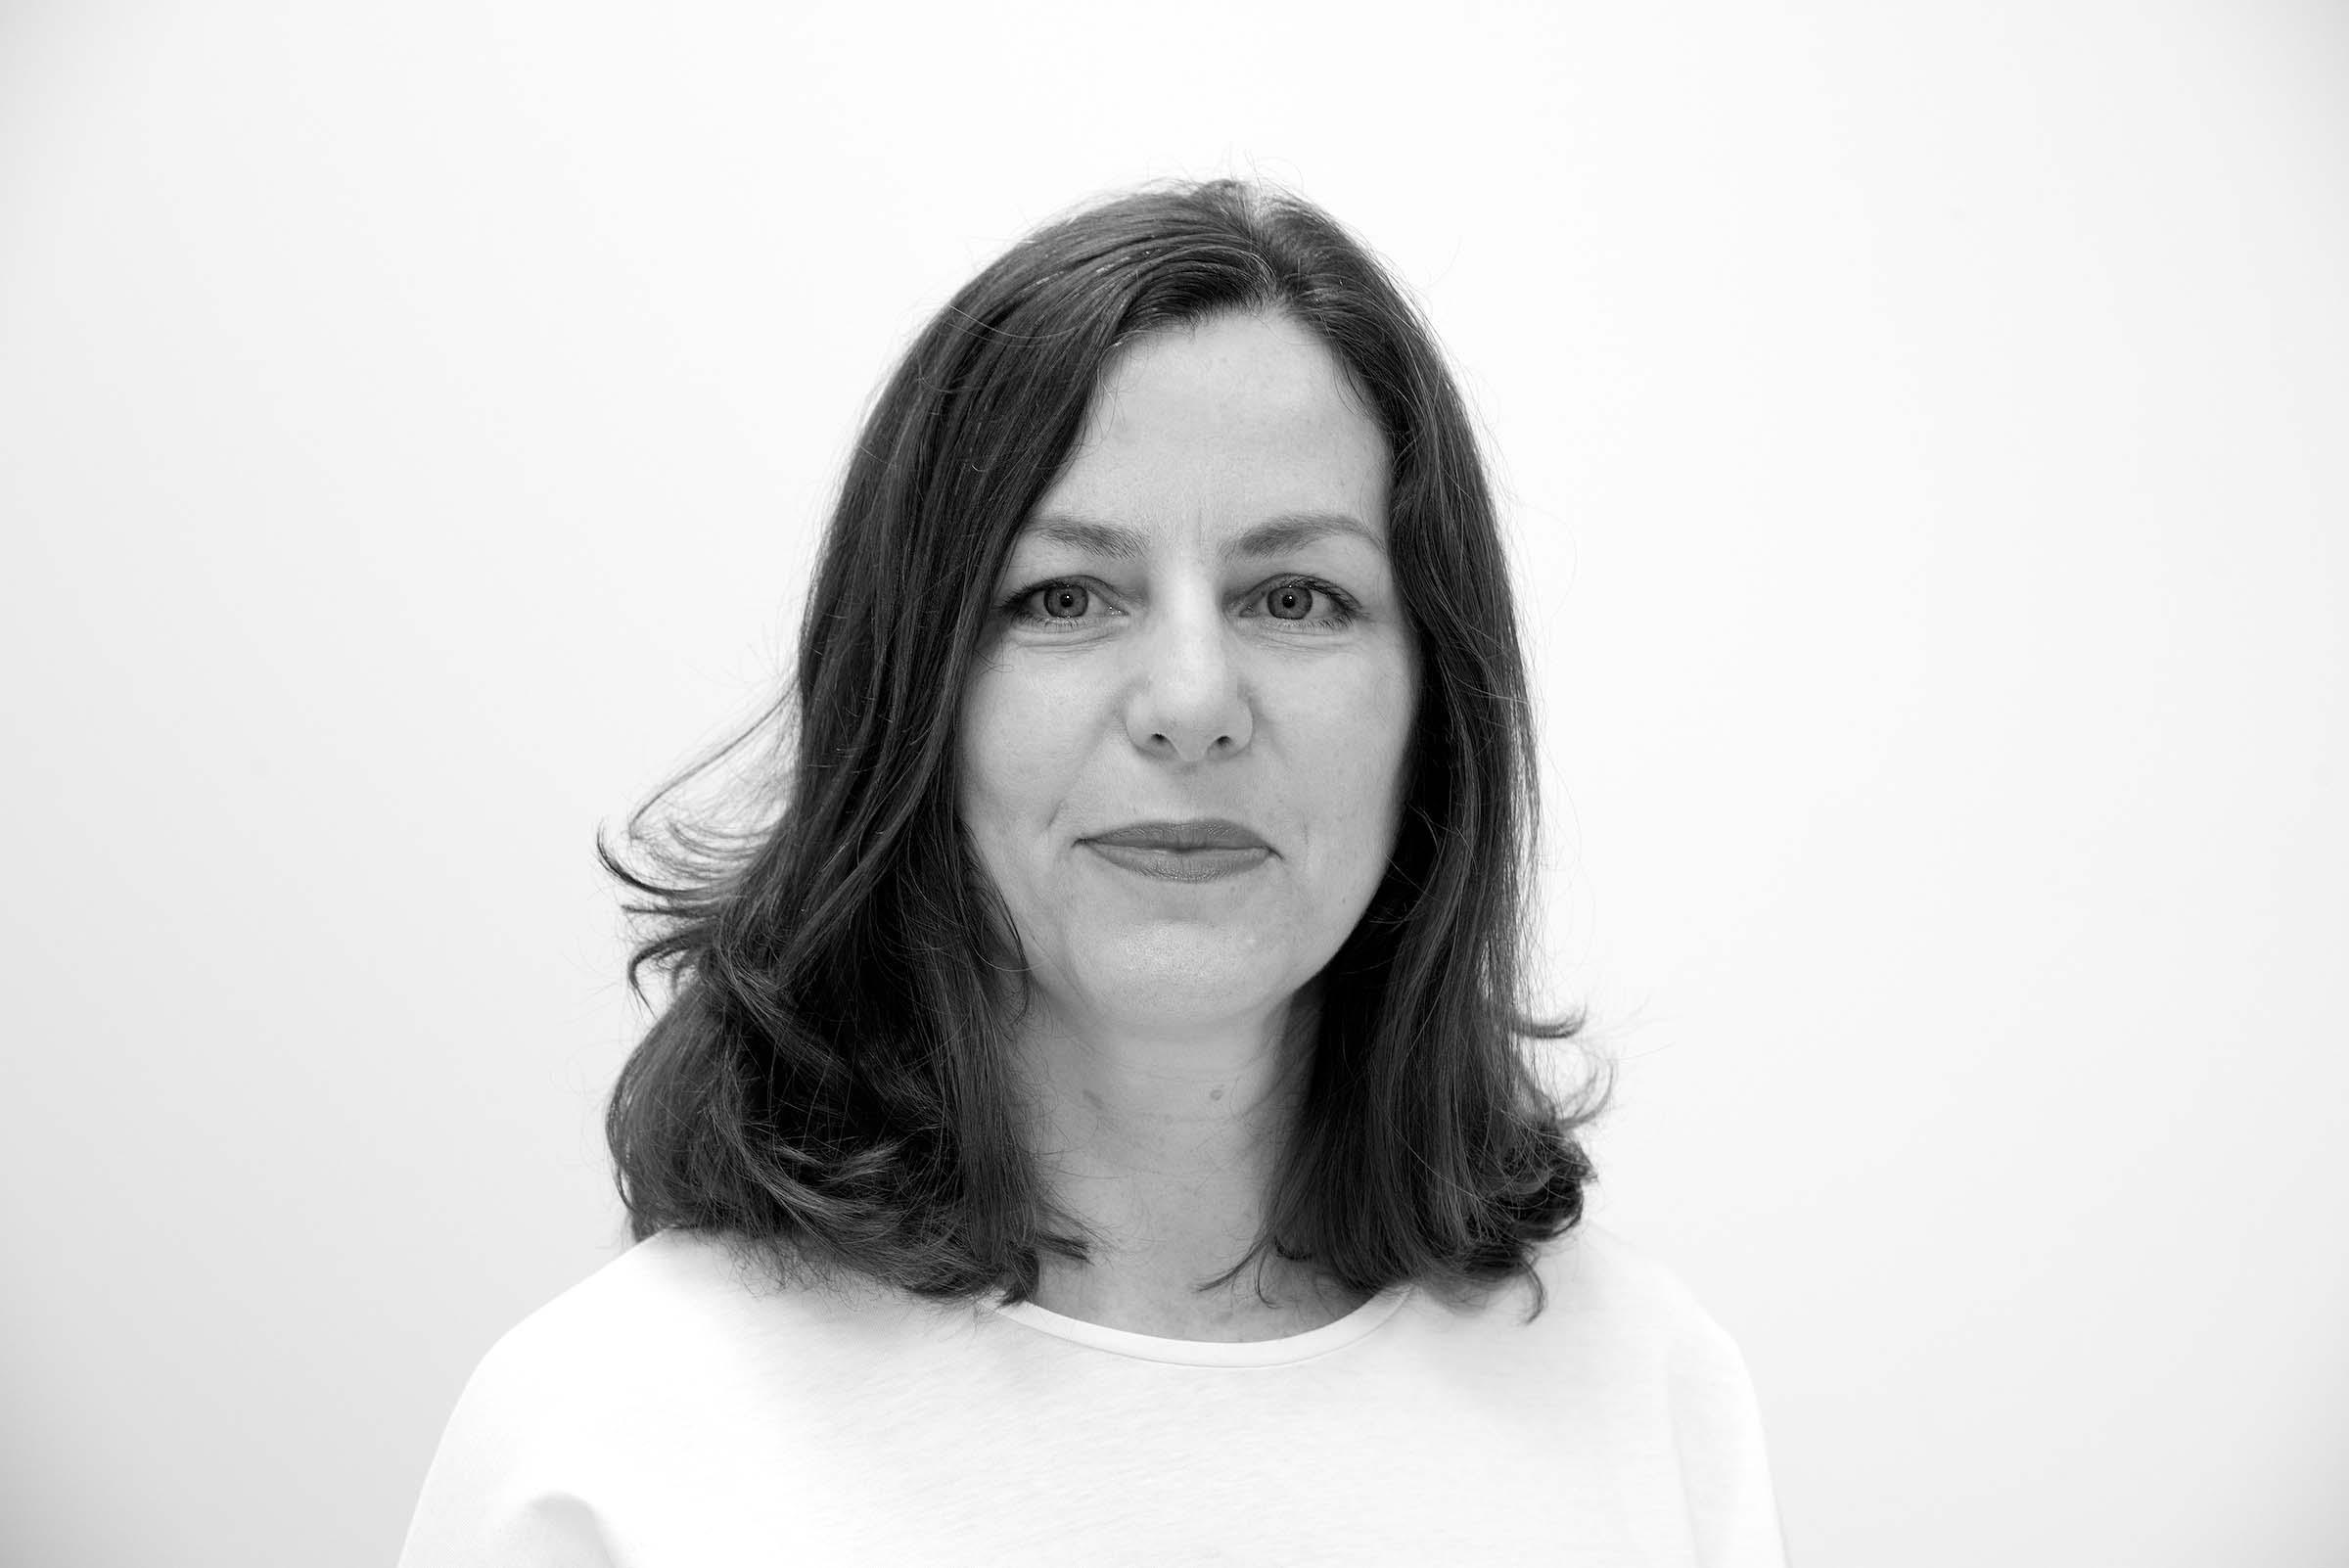 Claire Bostock